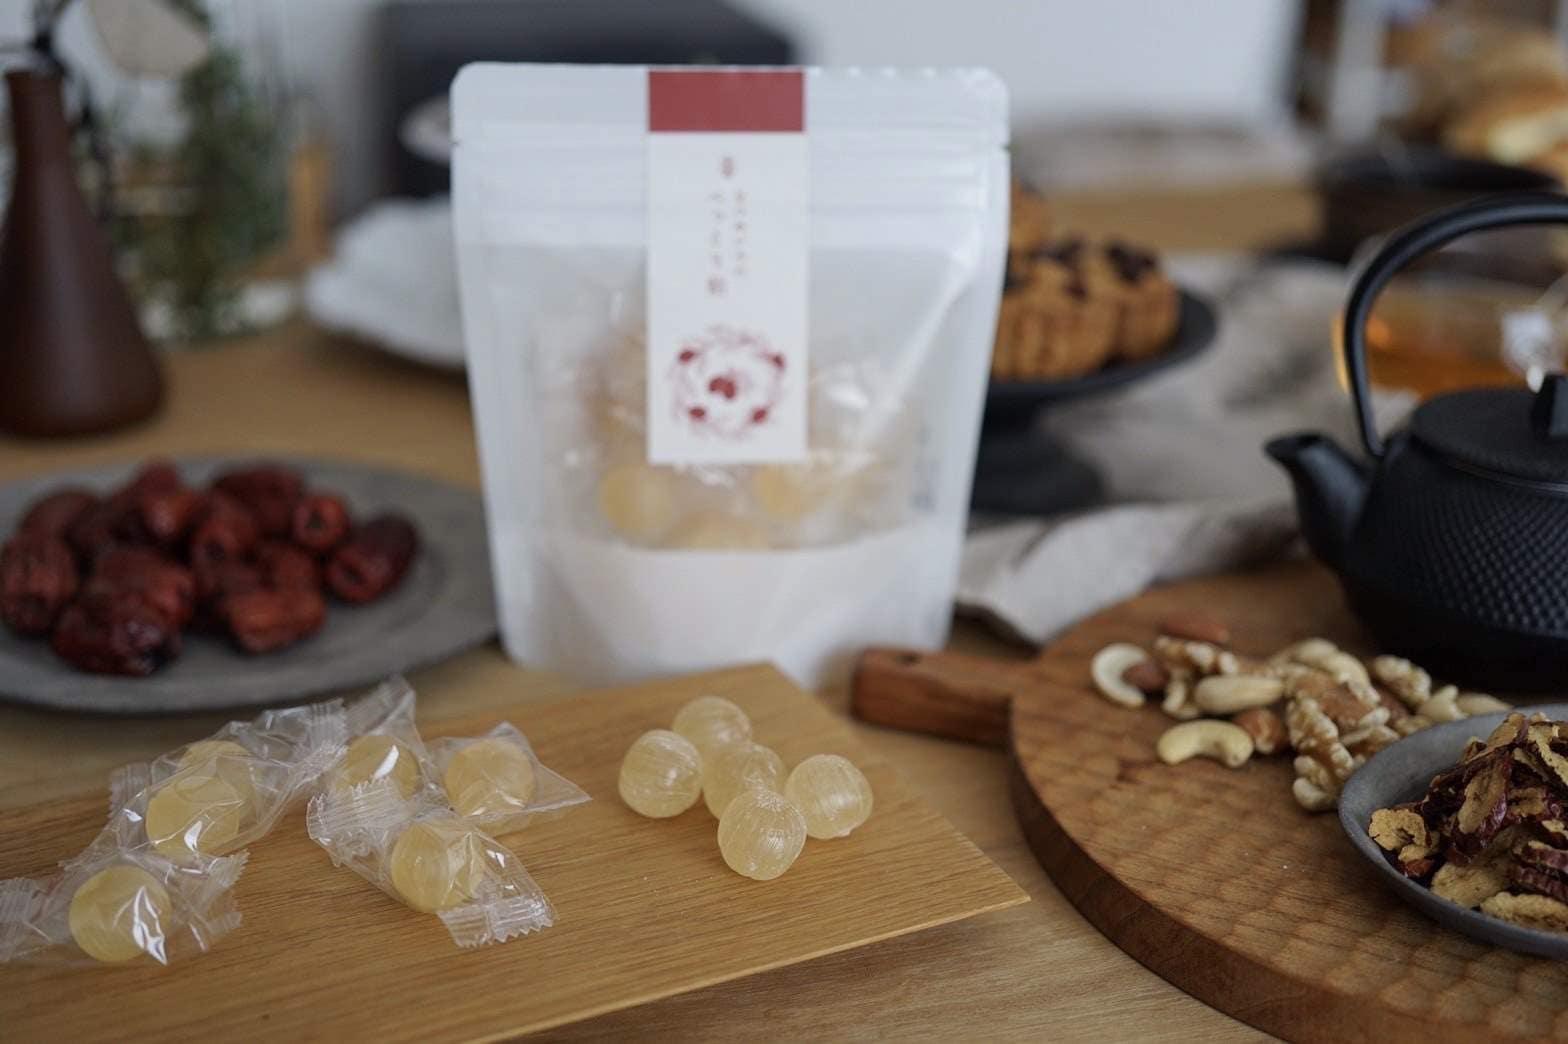 なつめいろのべっこう飴は国産なつめのエキスを練り込み、無添加で仕上げました